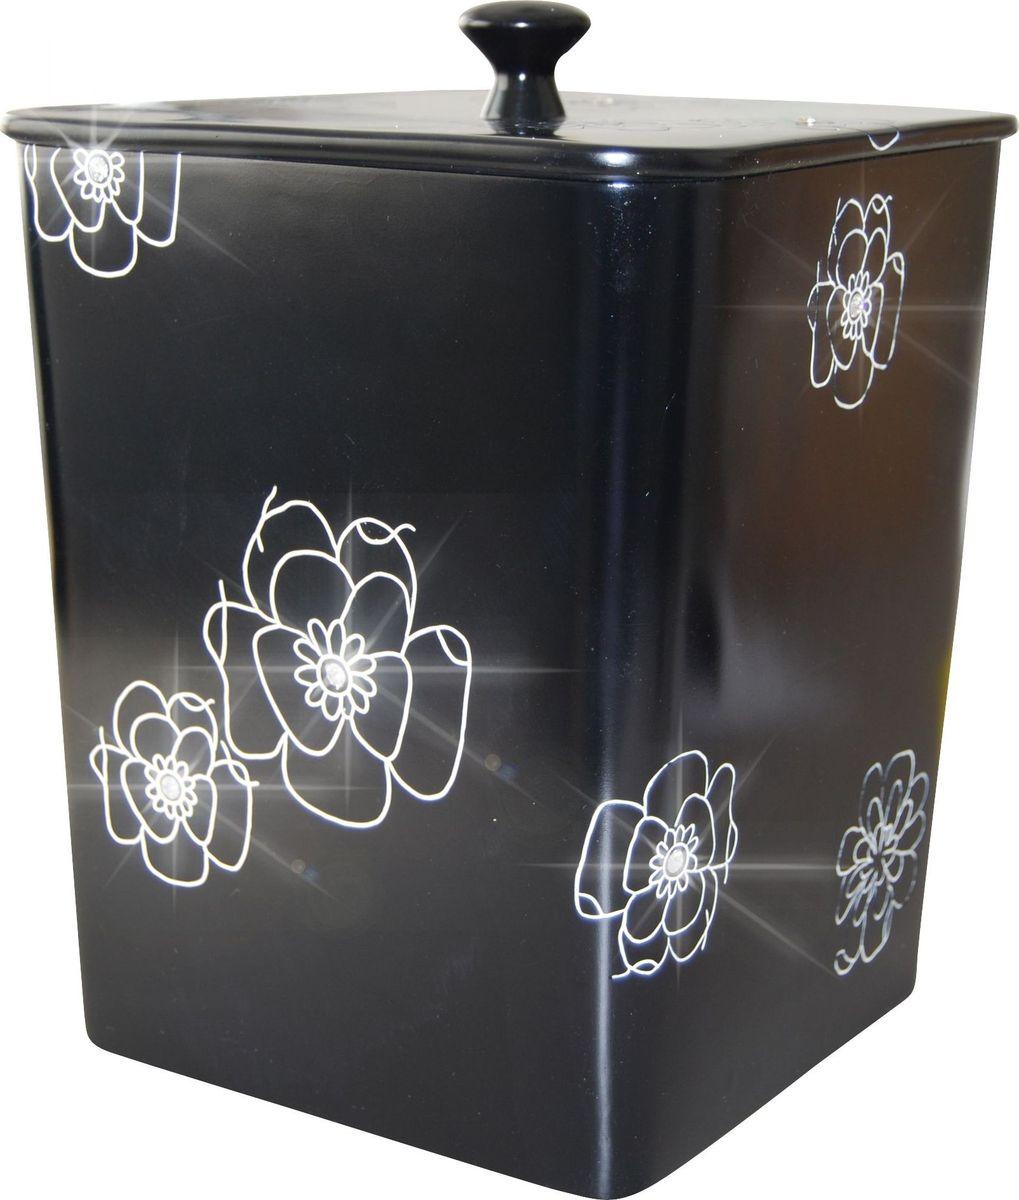 Контейнер для мусора Ridder Diamond, цвет: черный, 8,5 лDW90Изделия данной серии устойчивы к ультрафиолету, т.к. изготавливаются из полирезины. Экологичная полирезина - это твердый многокомпонентный материал на основе синтетической смолы, с добавлением каменной крошки и красящих пигментов.